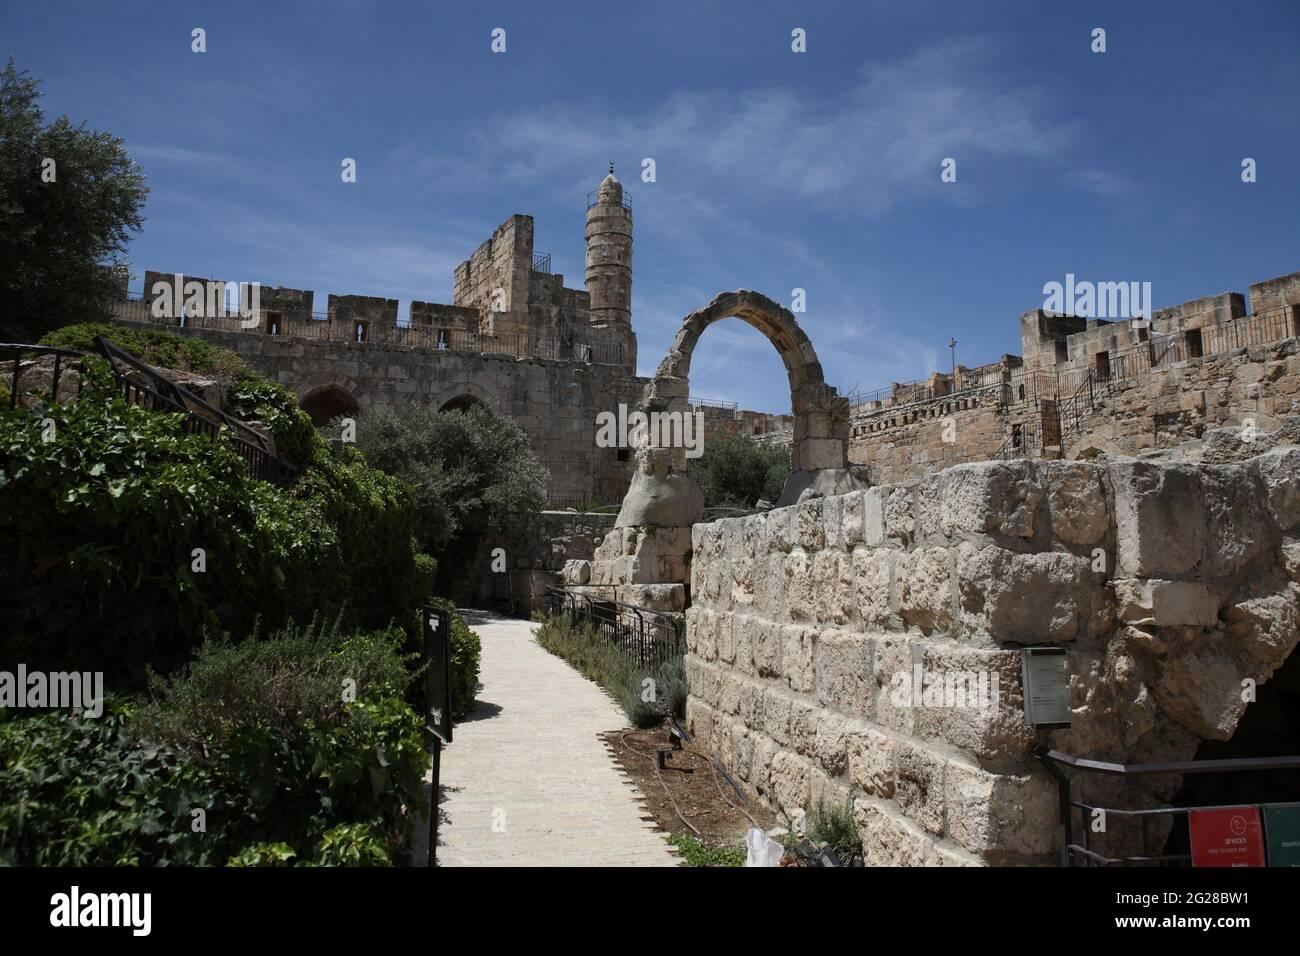 Tour de David ou Citadelle de David, minaret d'une mosquée faisant partie de la citadelle. Voir devant une arche et un mur, vestiges de fortifications plus anciennes. Banque D'Images